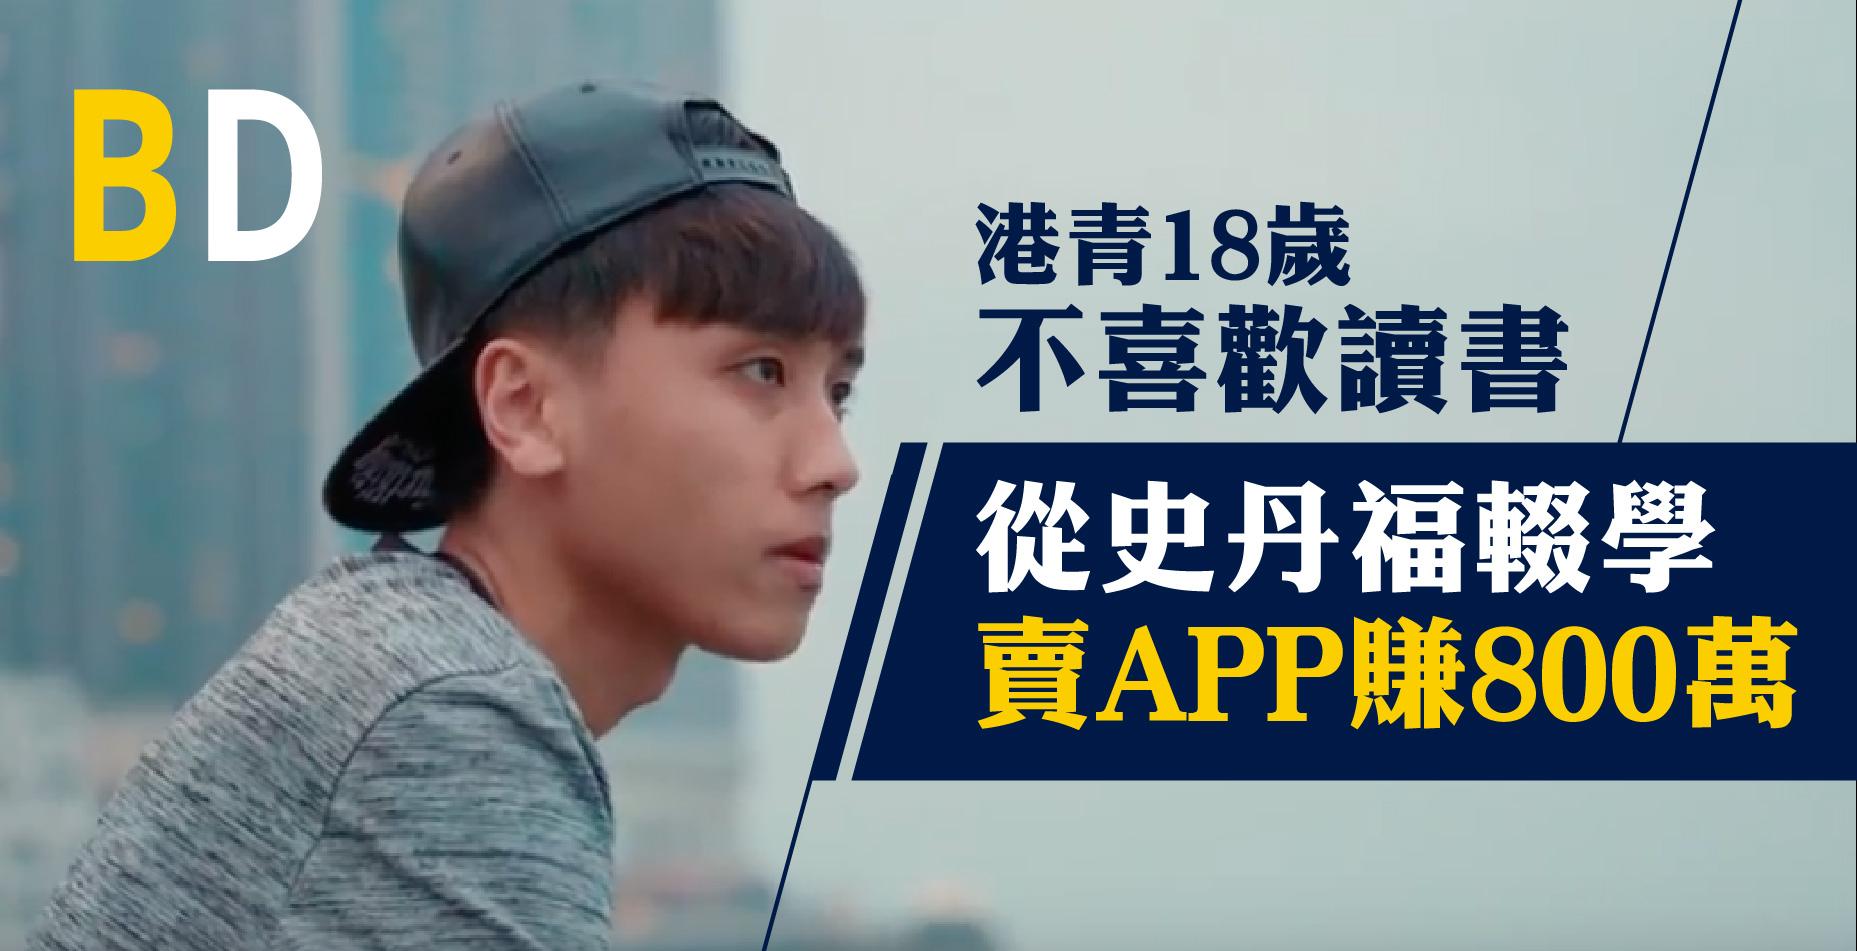 【香港人的創業故事】港青18歲不喜歡讀書,從史丹福輟學賣APP賺800萬